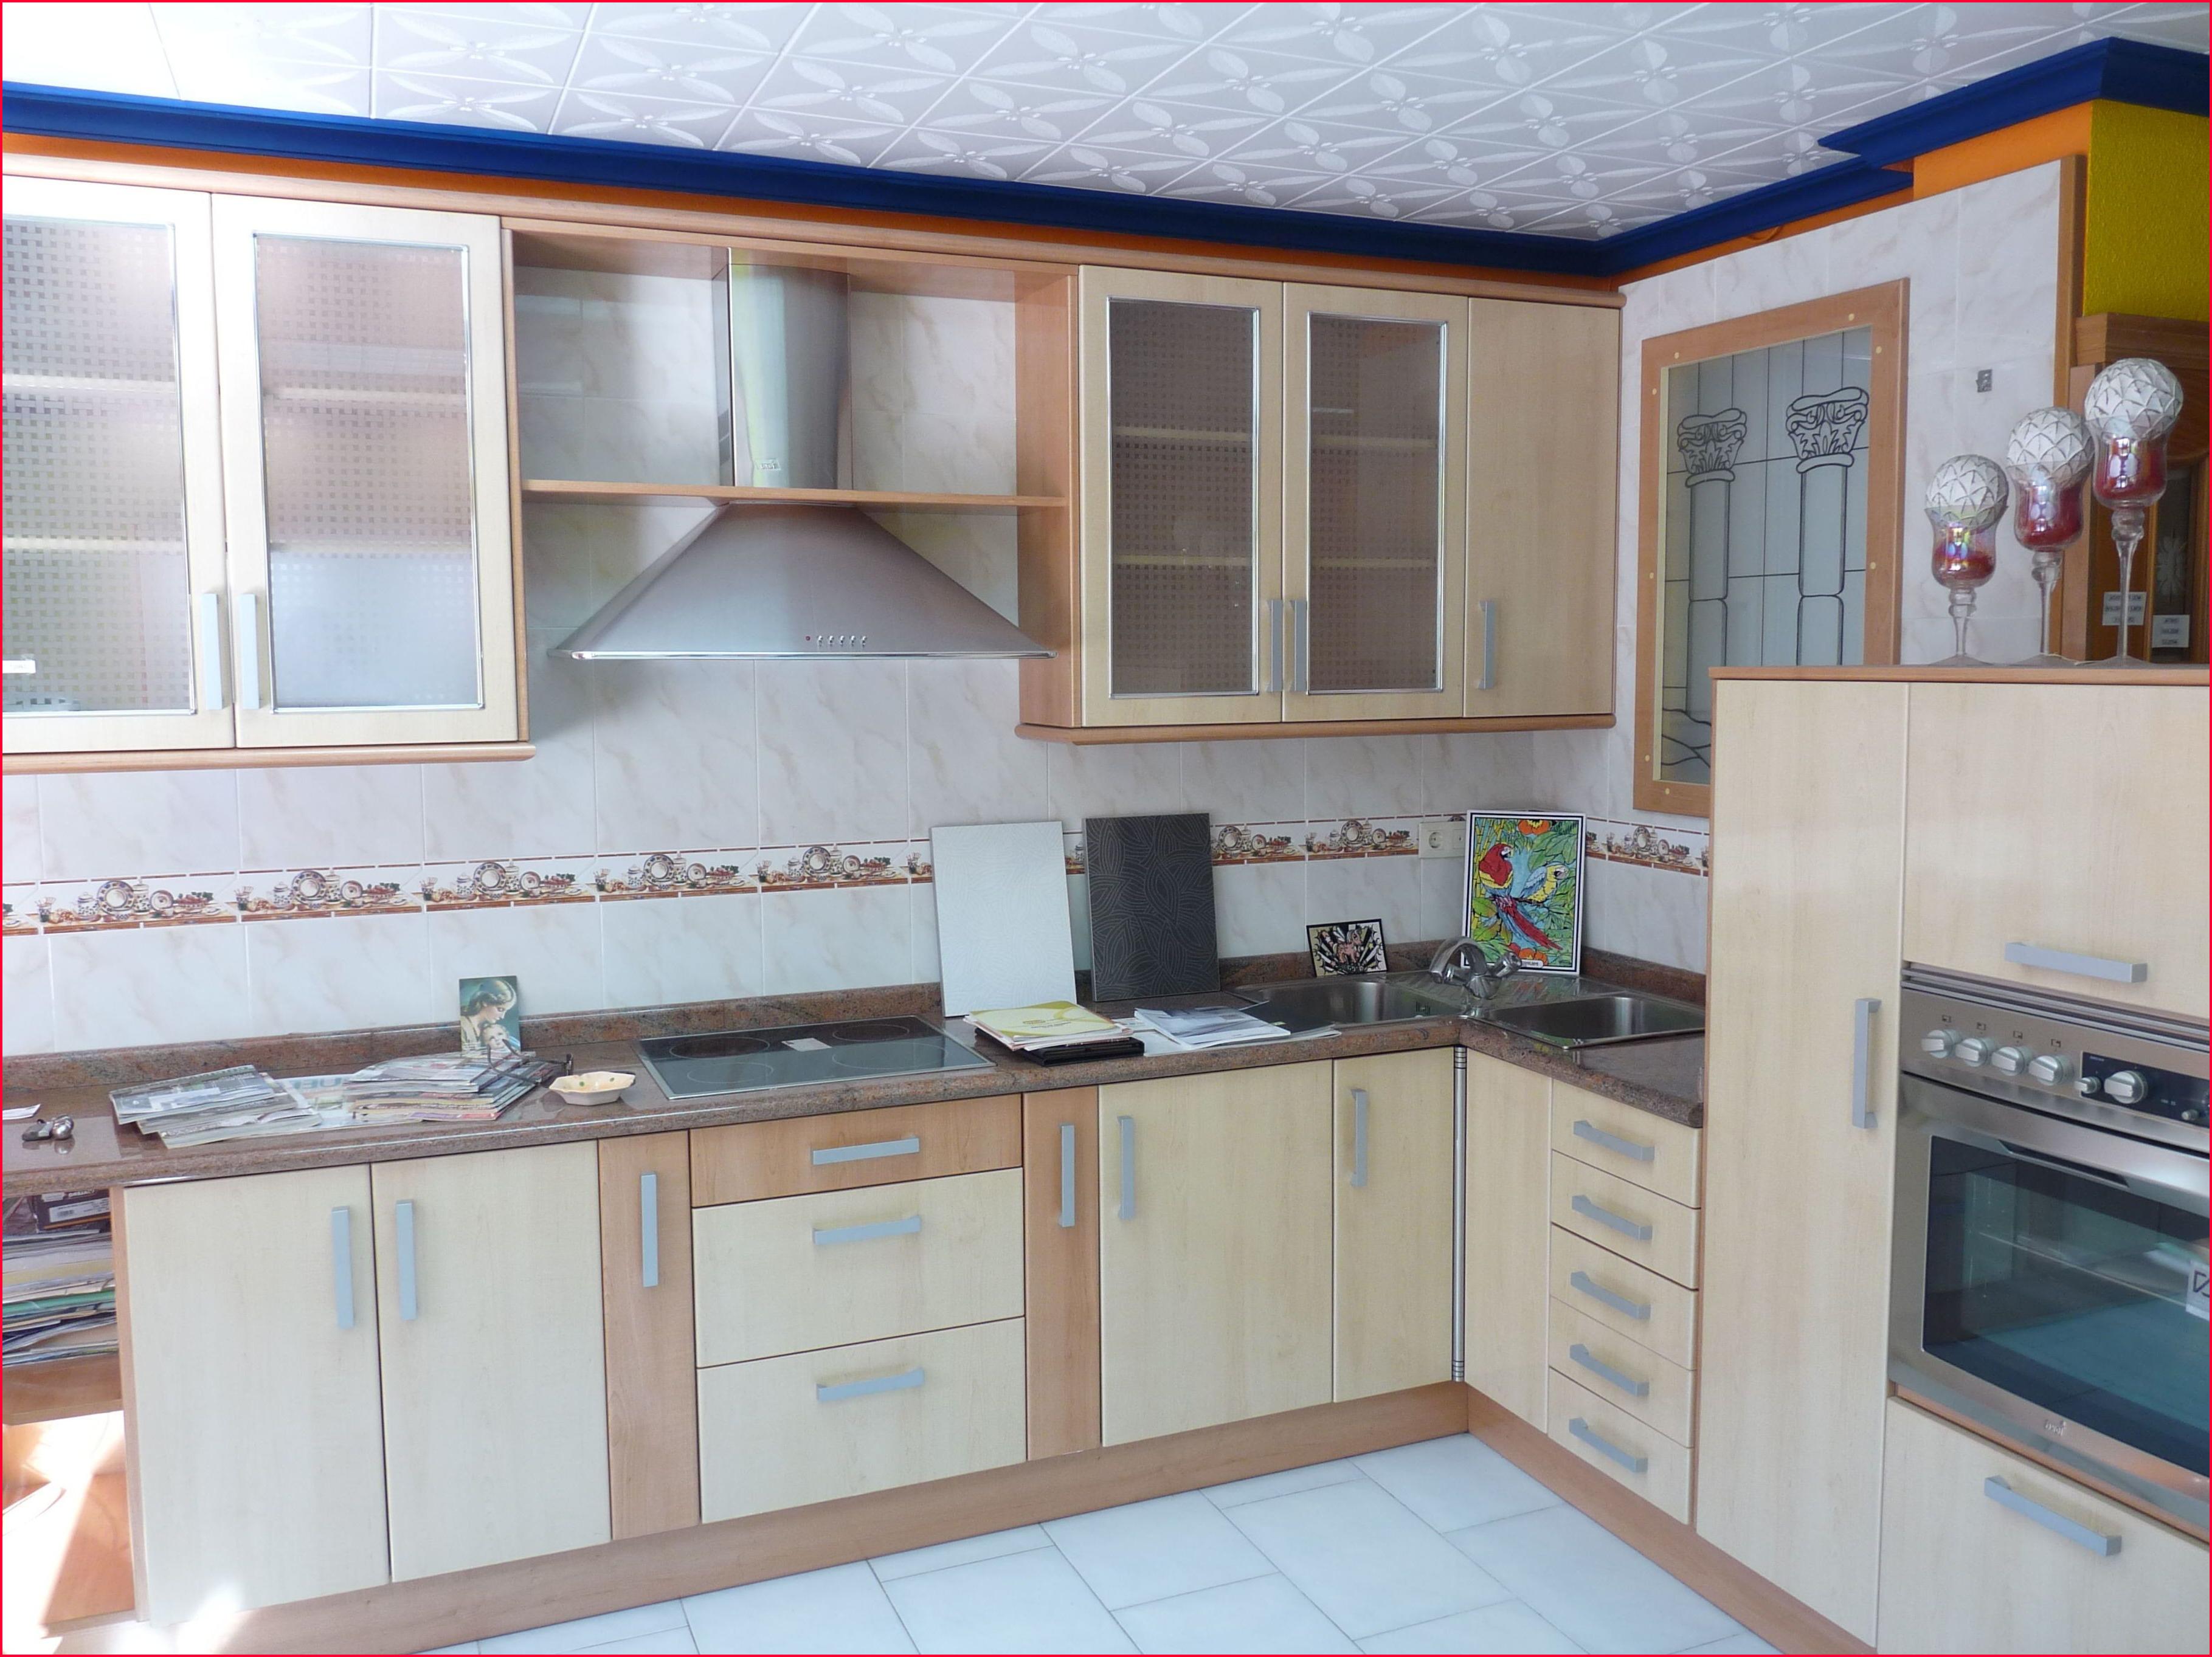 Cocinas baratas valencia finest muebles de cocina sueltos - Muebles de cocina sueltos ...